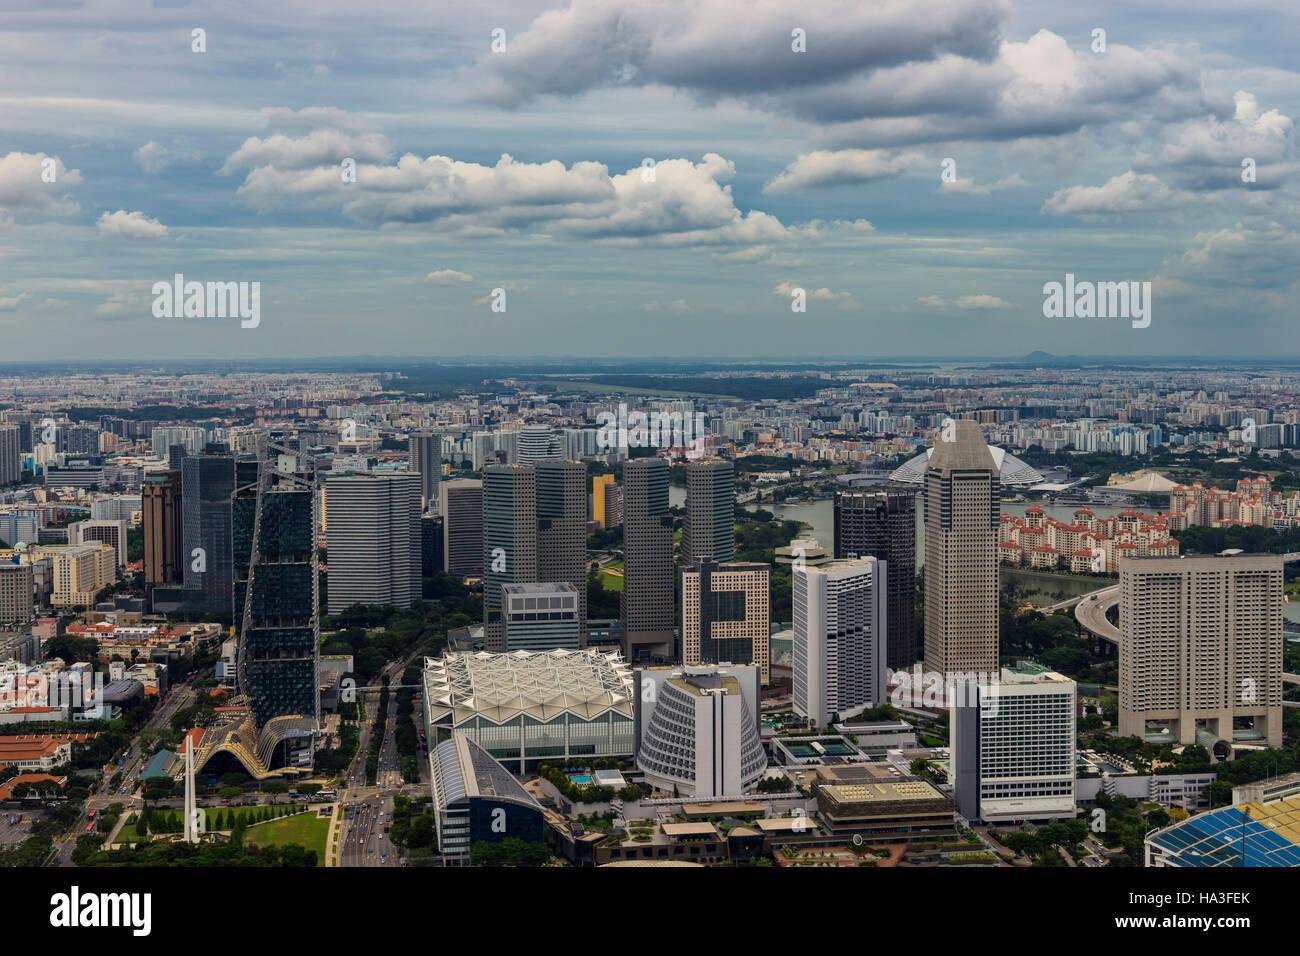 abstrakte Tageszeit urbane Stadtbild und Wolkengebilde auf Blick von der Dachterrasse - können anzeigen oder Stockbild